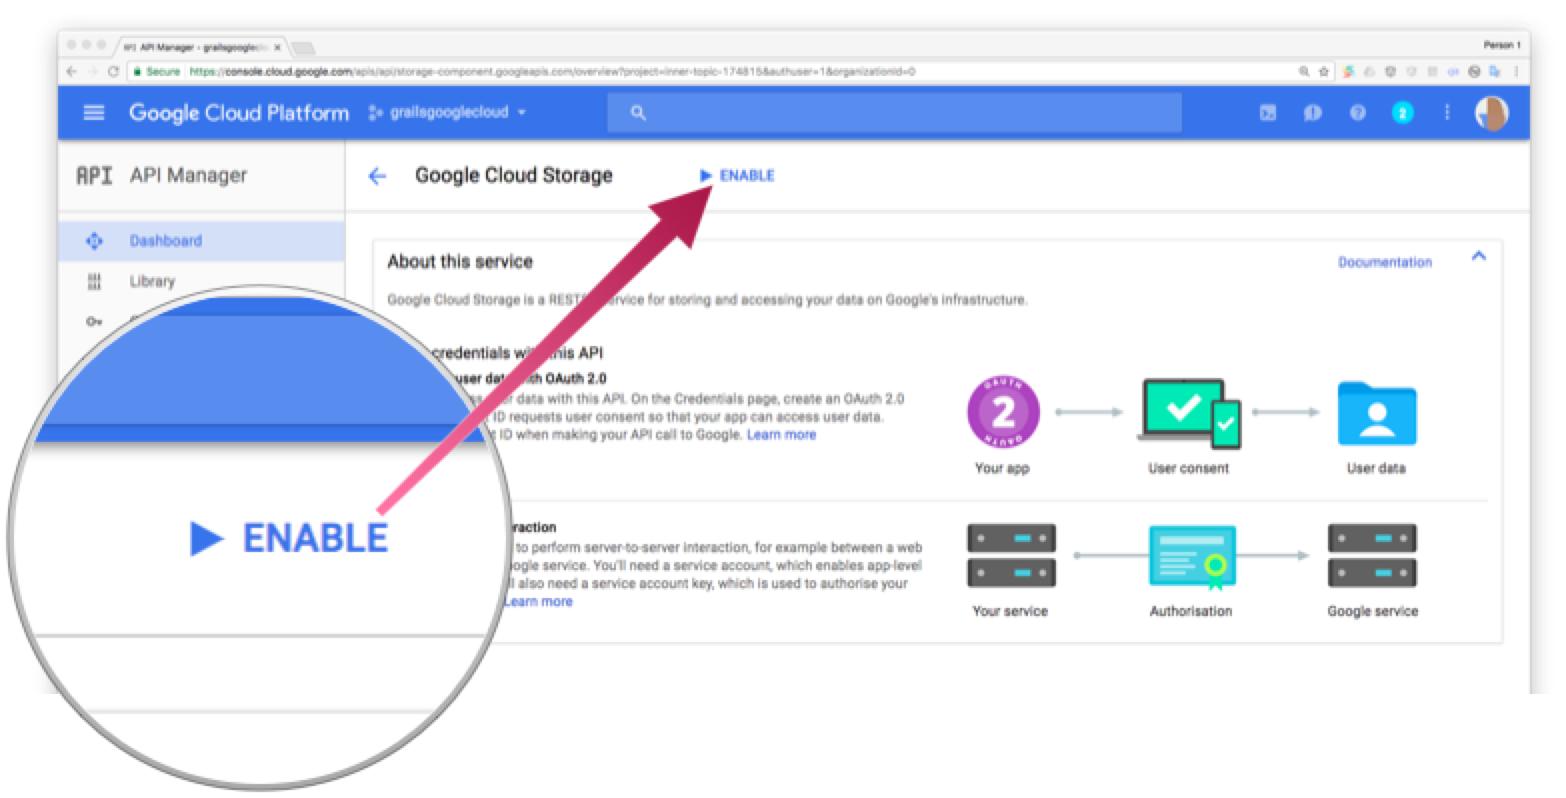 Screenshot showing Enable button